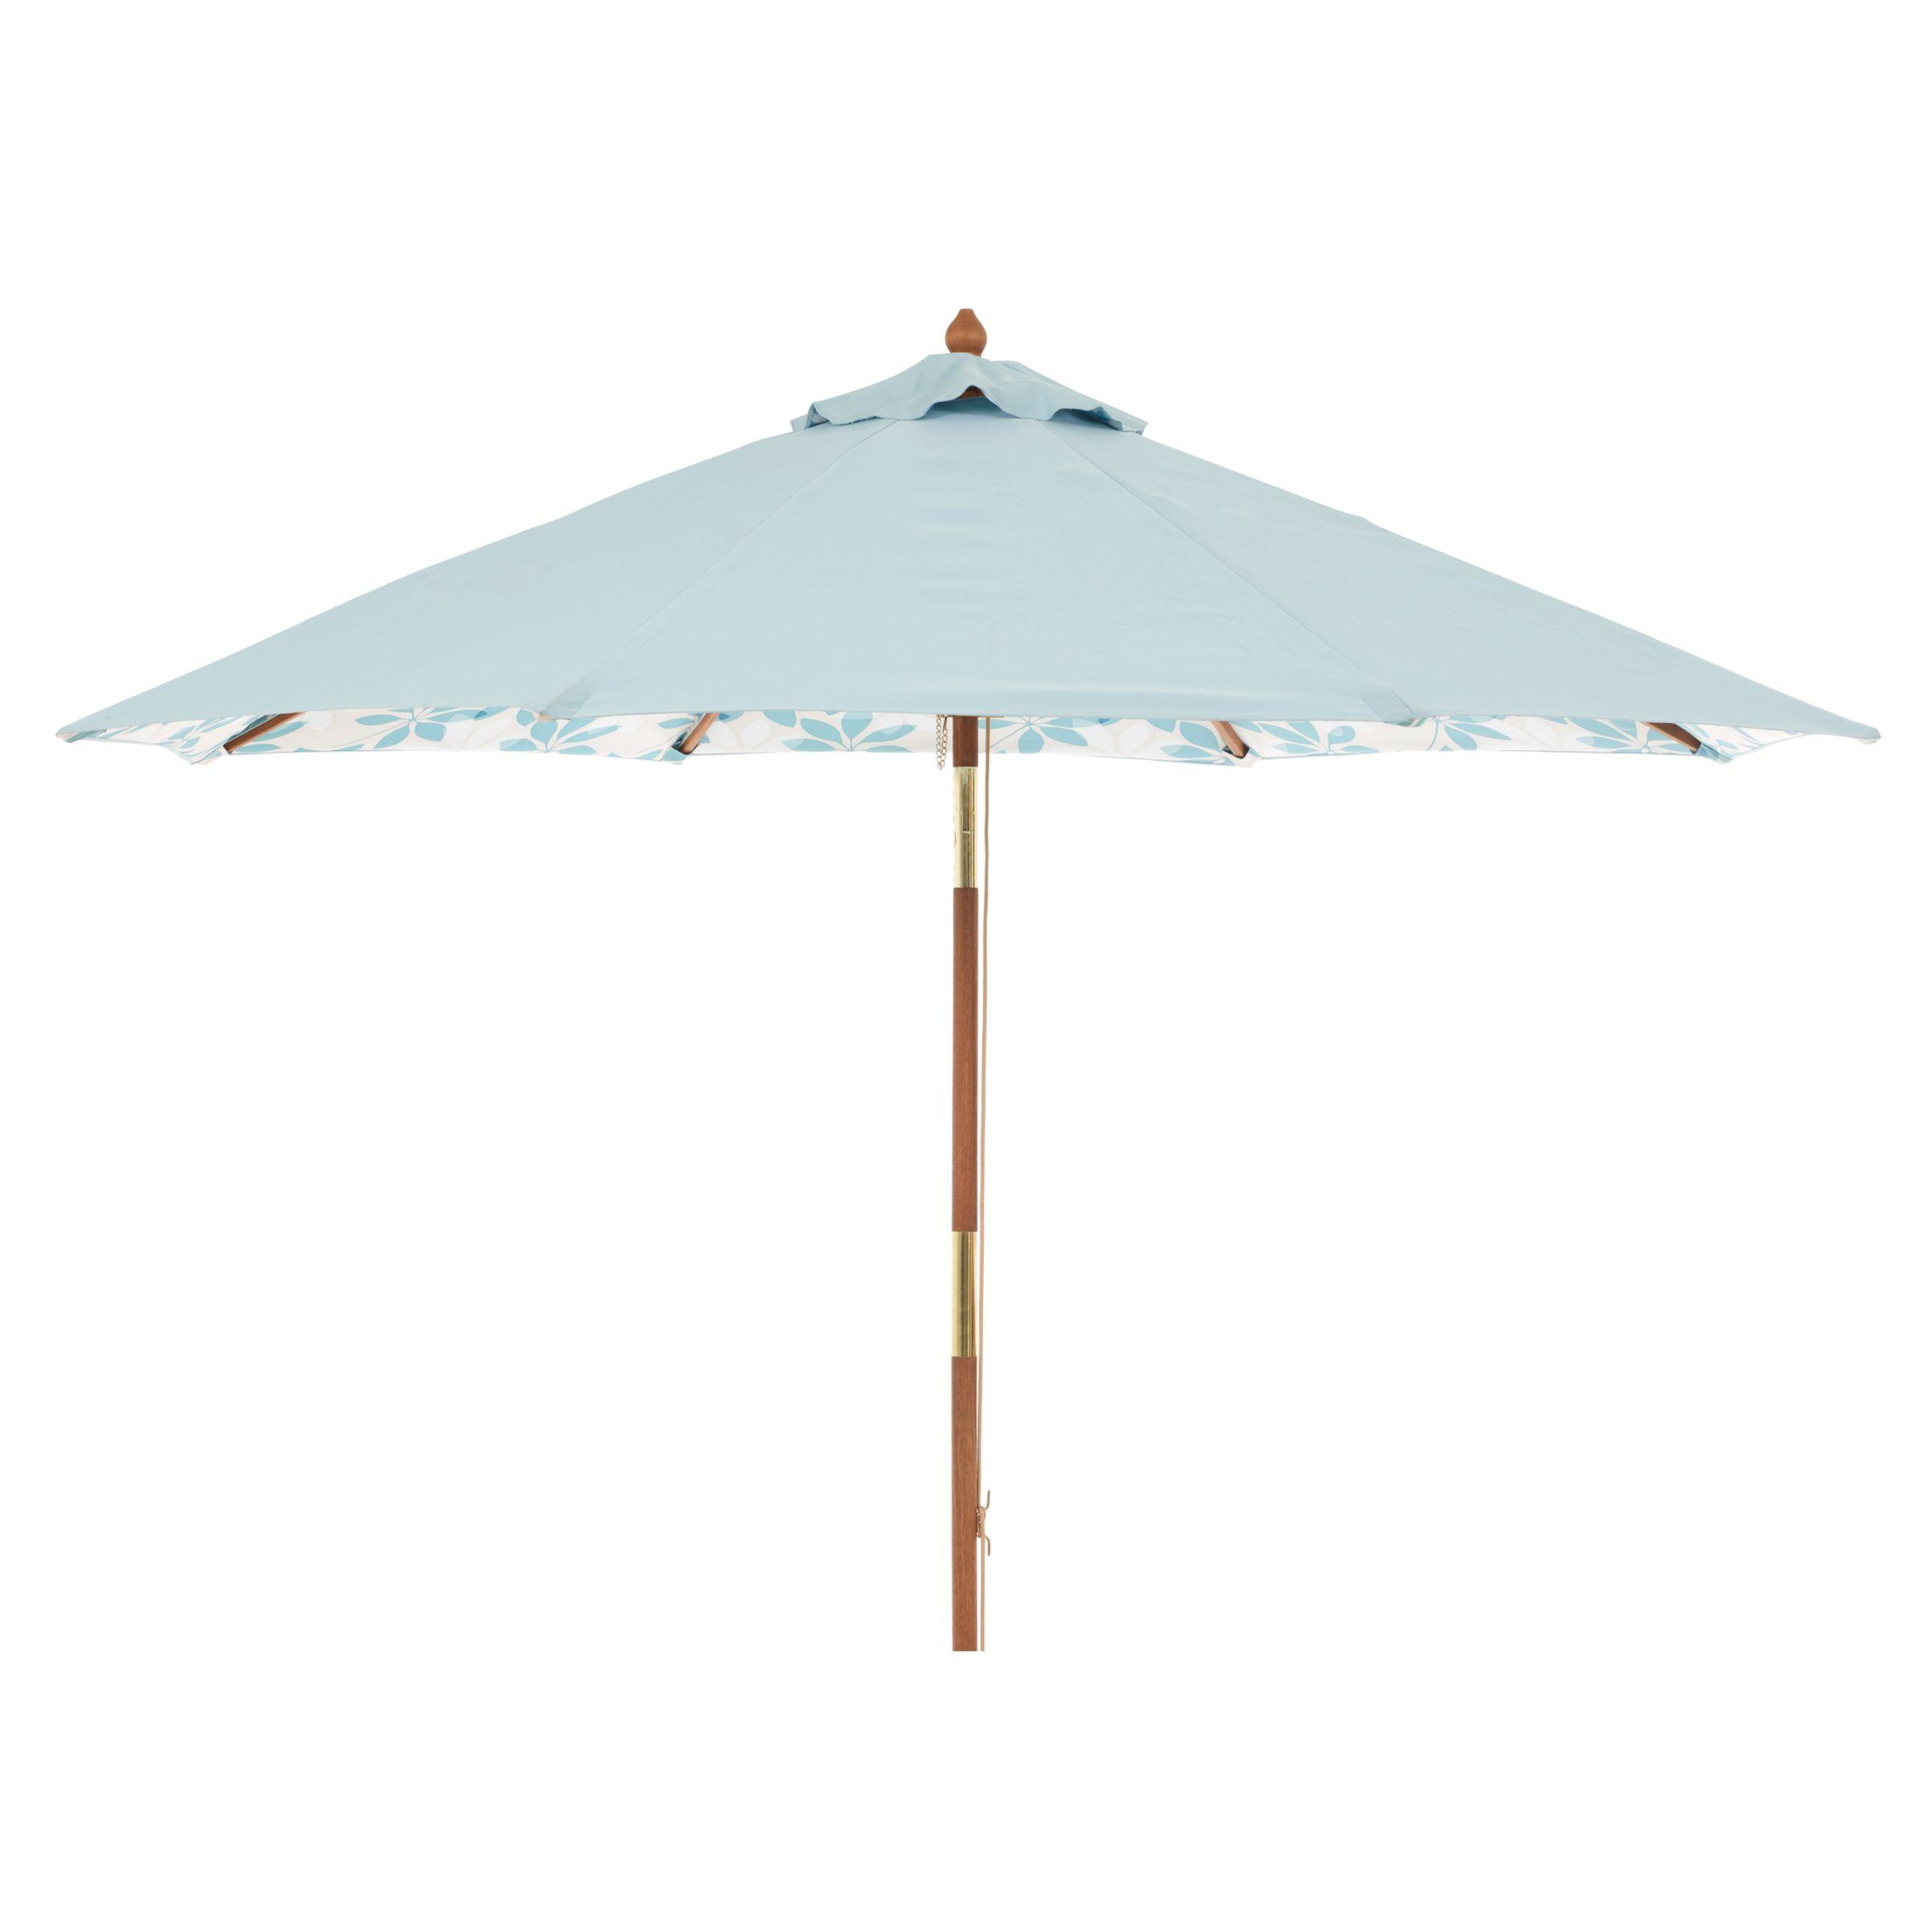 John Lewis Round Tilting Market Parasol, Pale Kingfisher/Forage Leaves, 2.75m